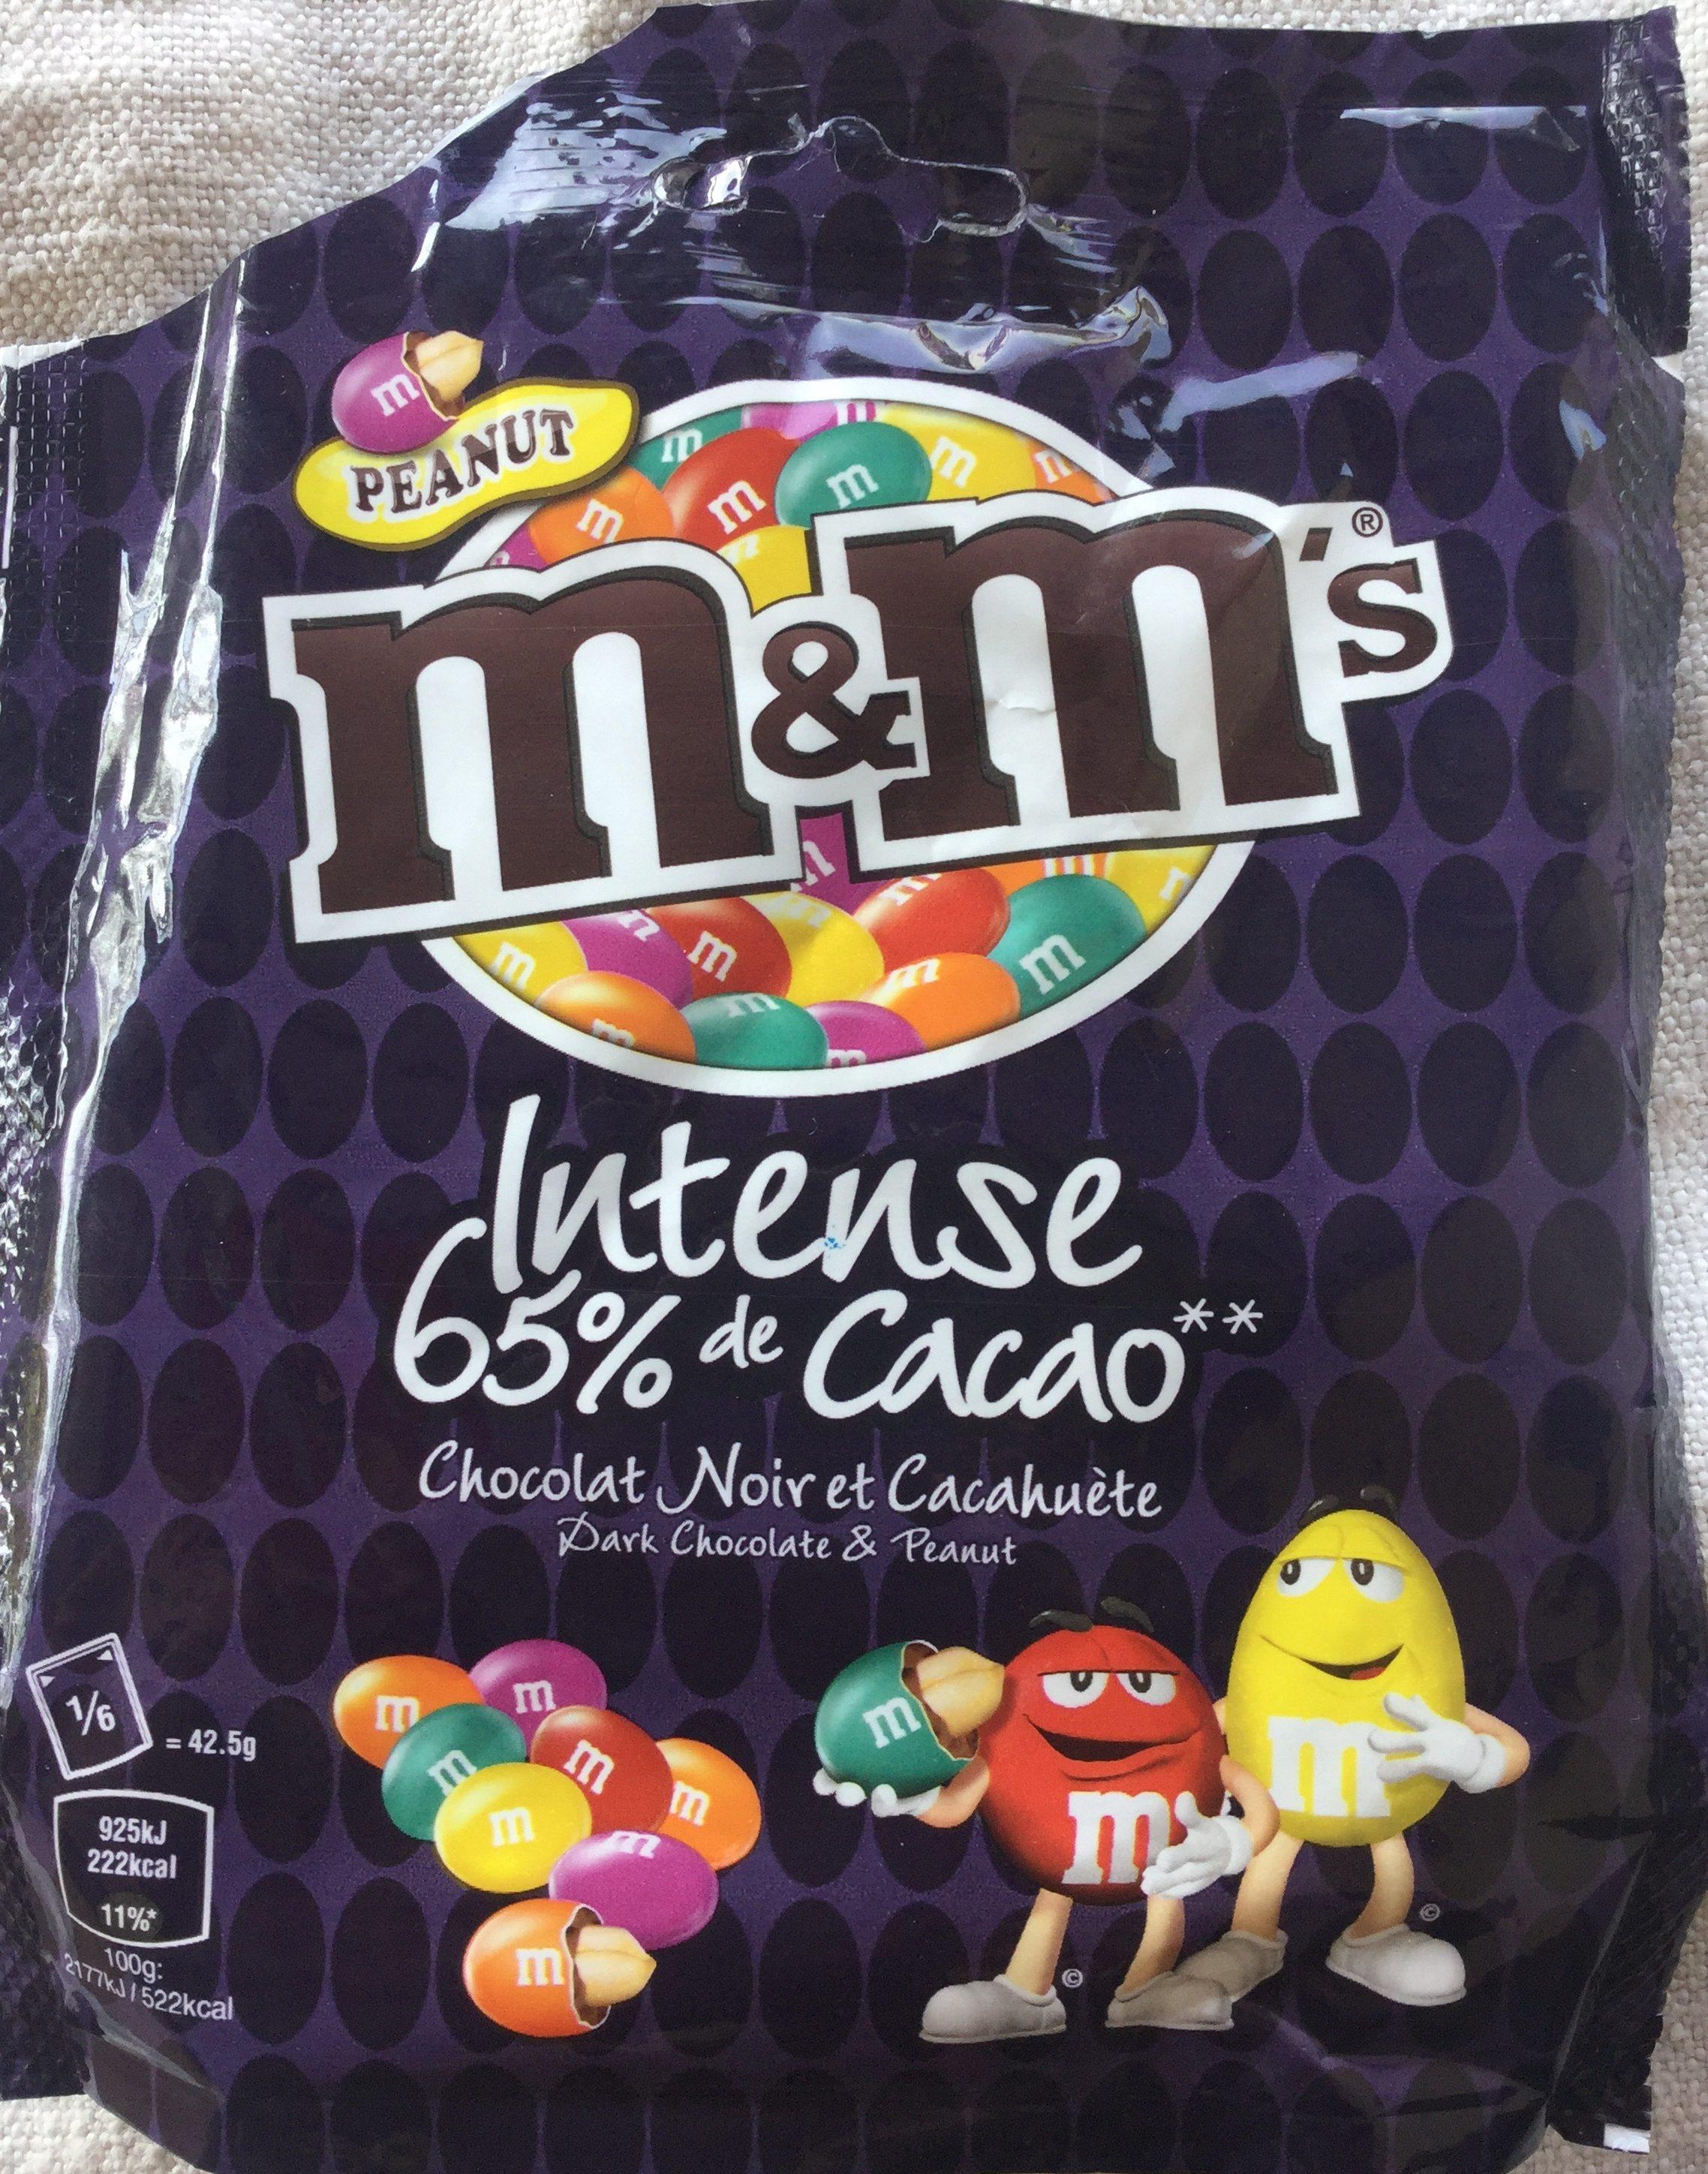 Intense 65 % Cacao, Chocolat Noir et Cacahuète - Product